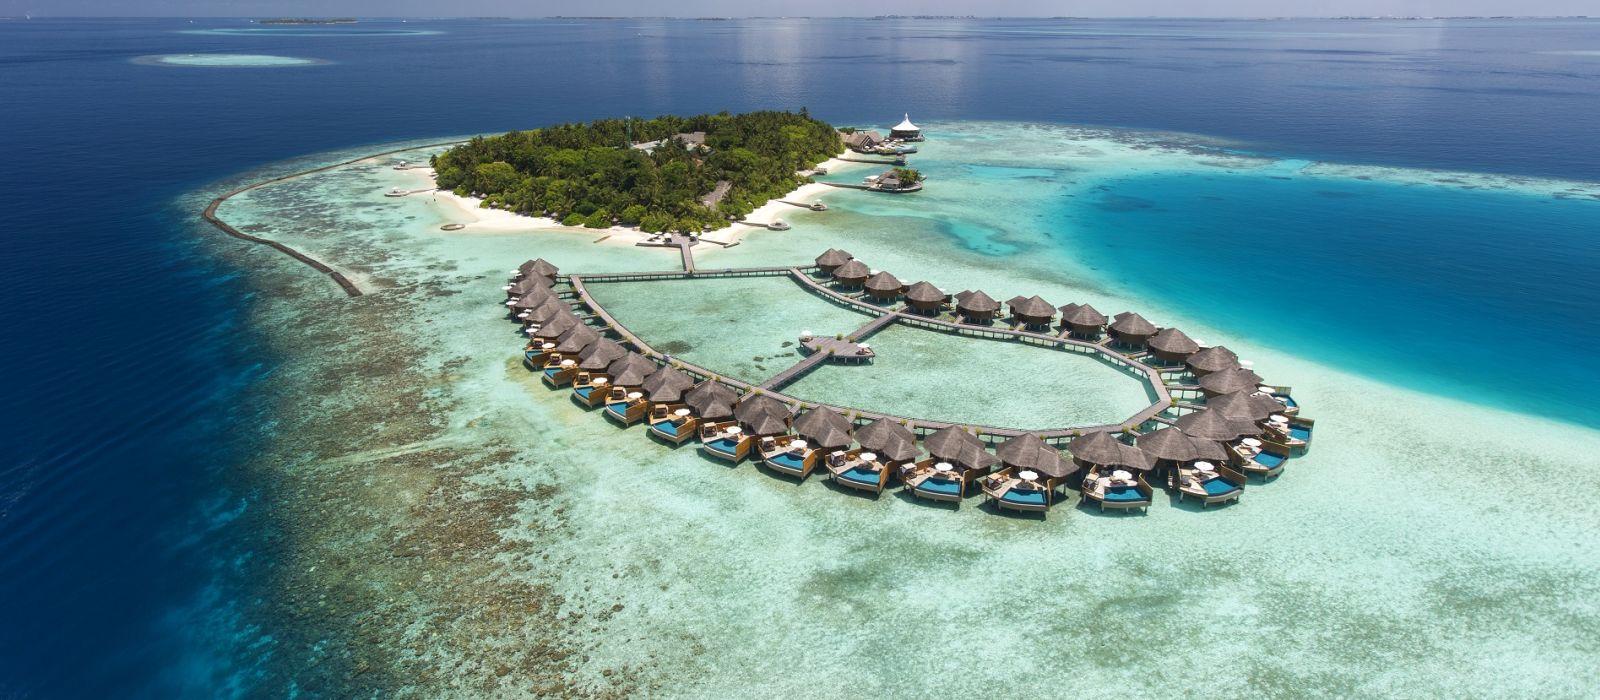 Maldives Tours & Trips